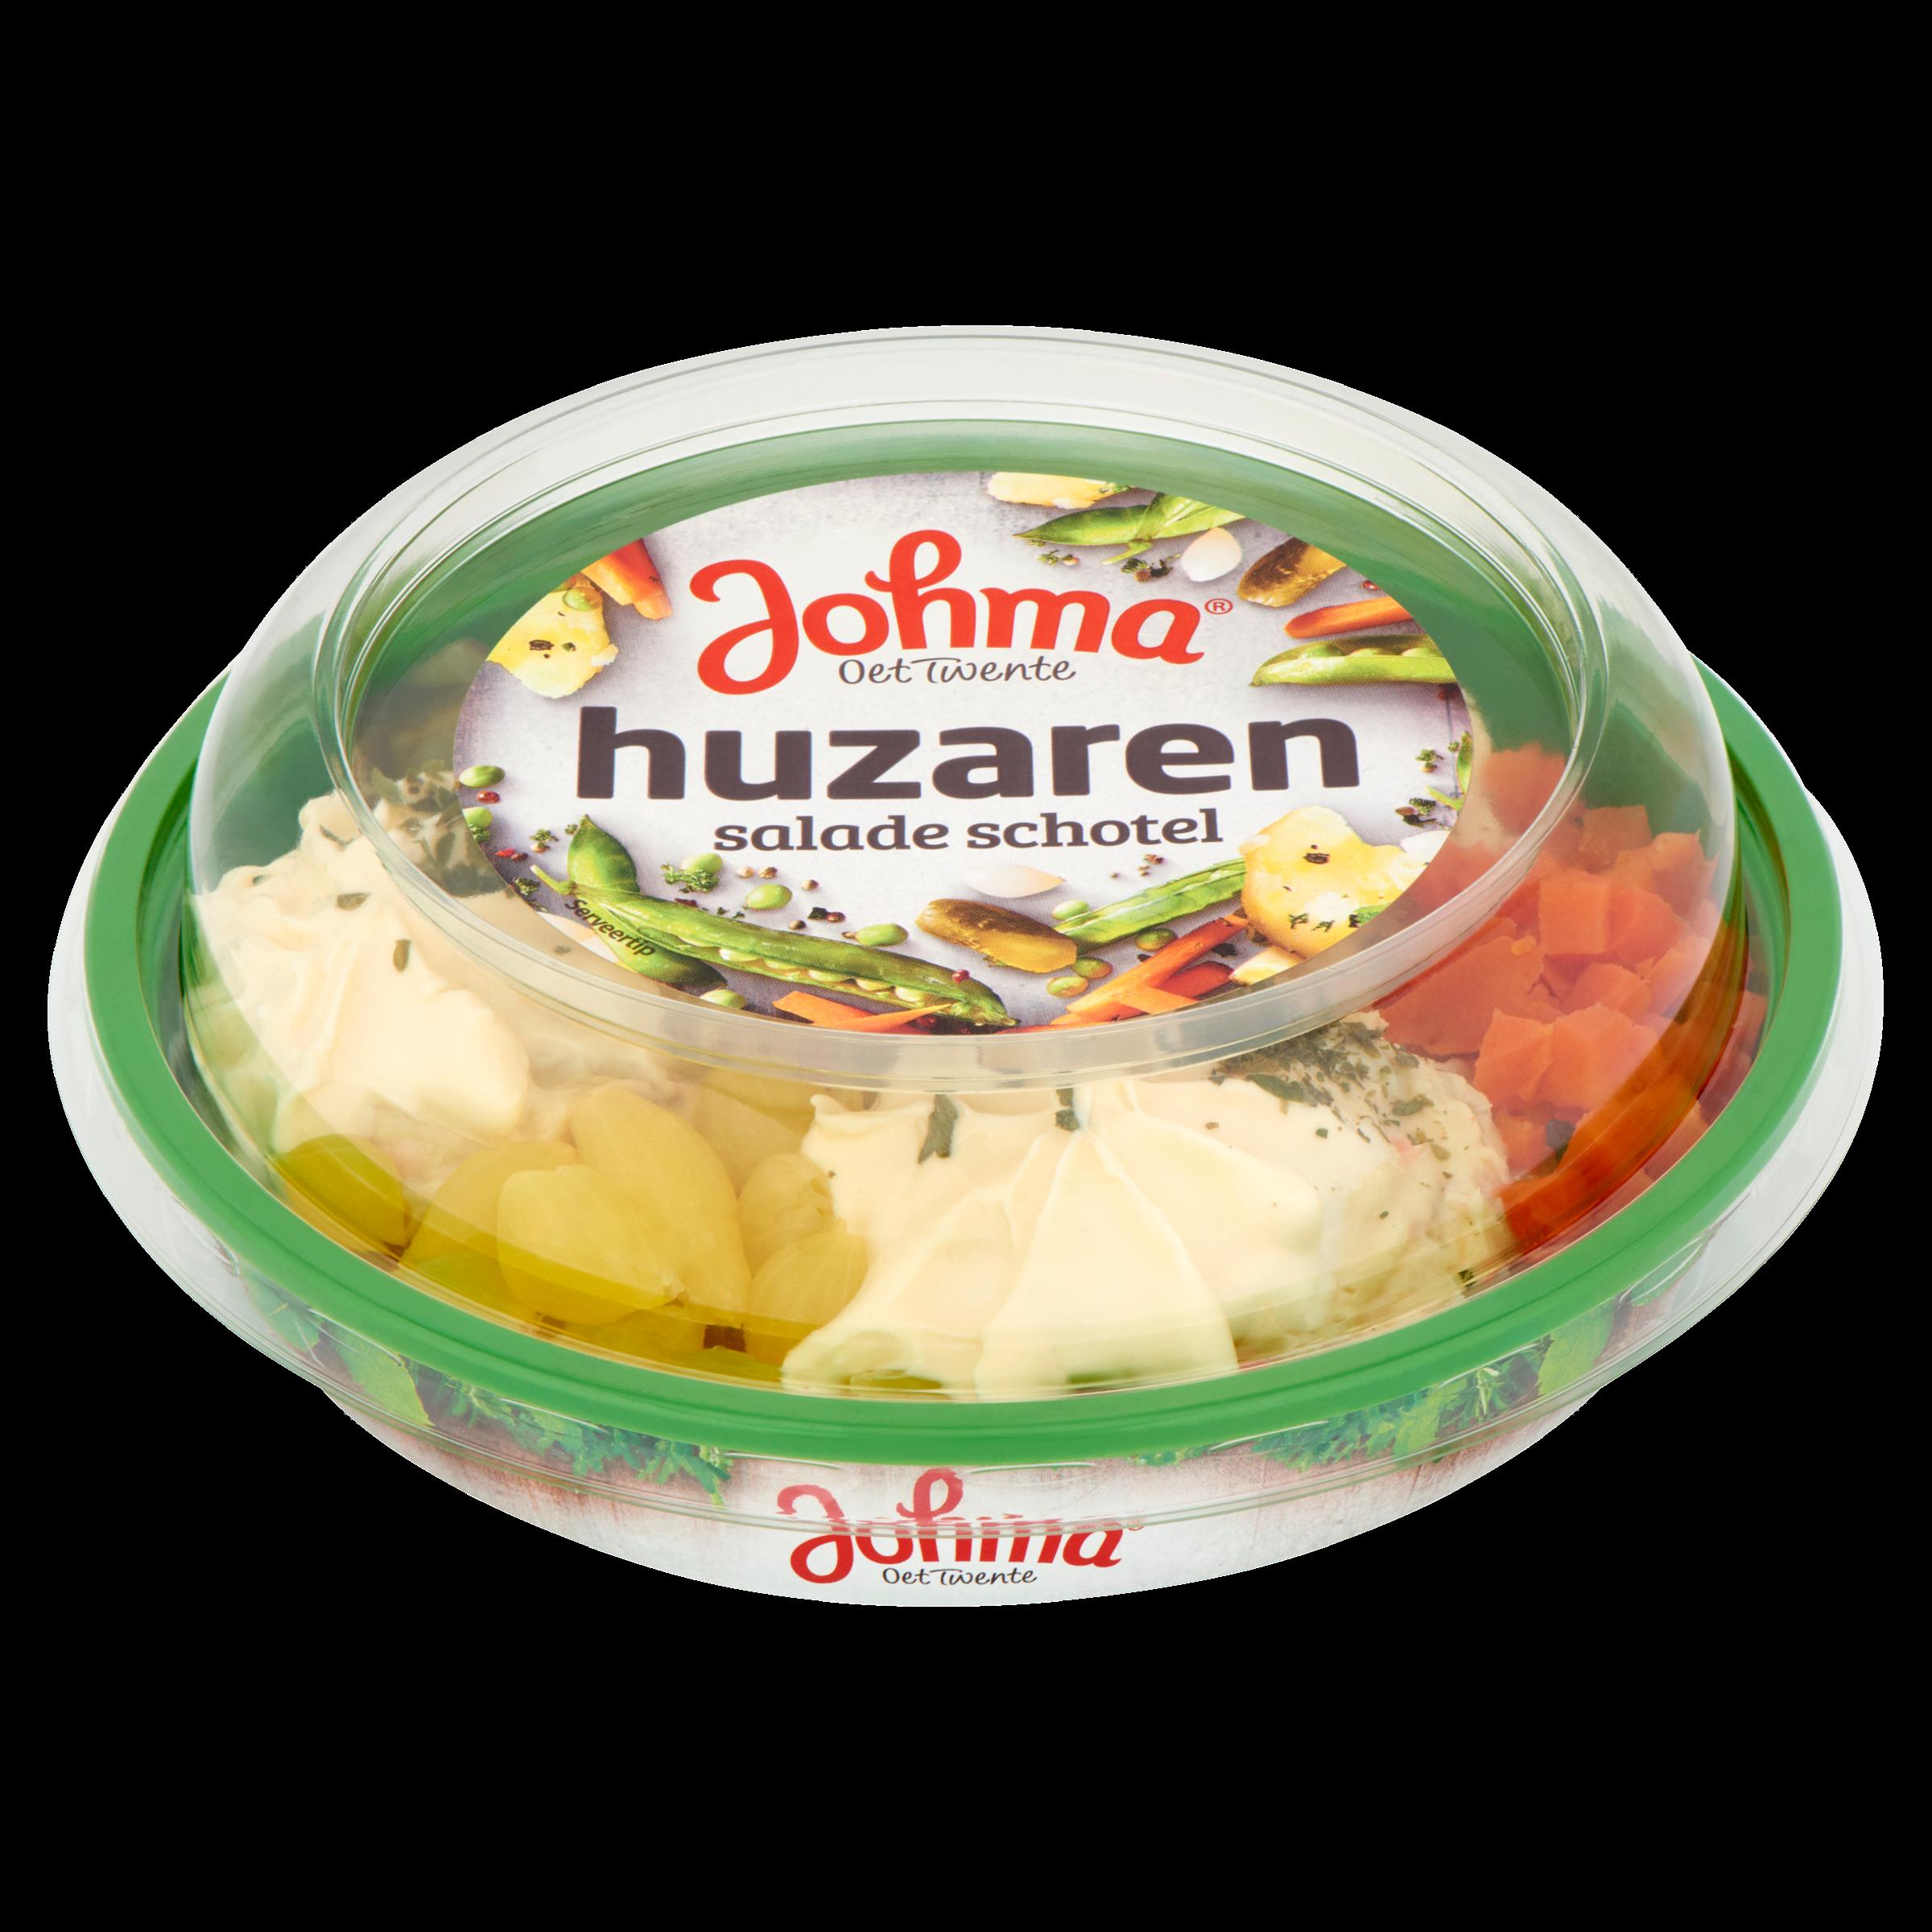 Huzarensalade%20schtel.png